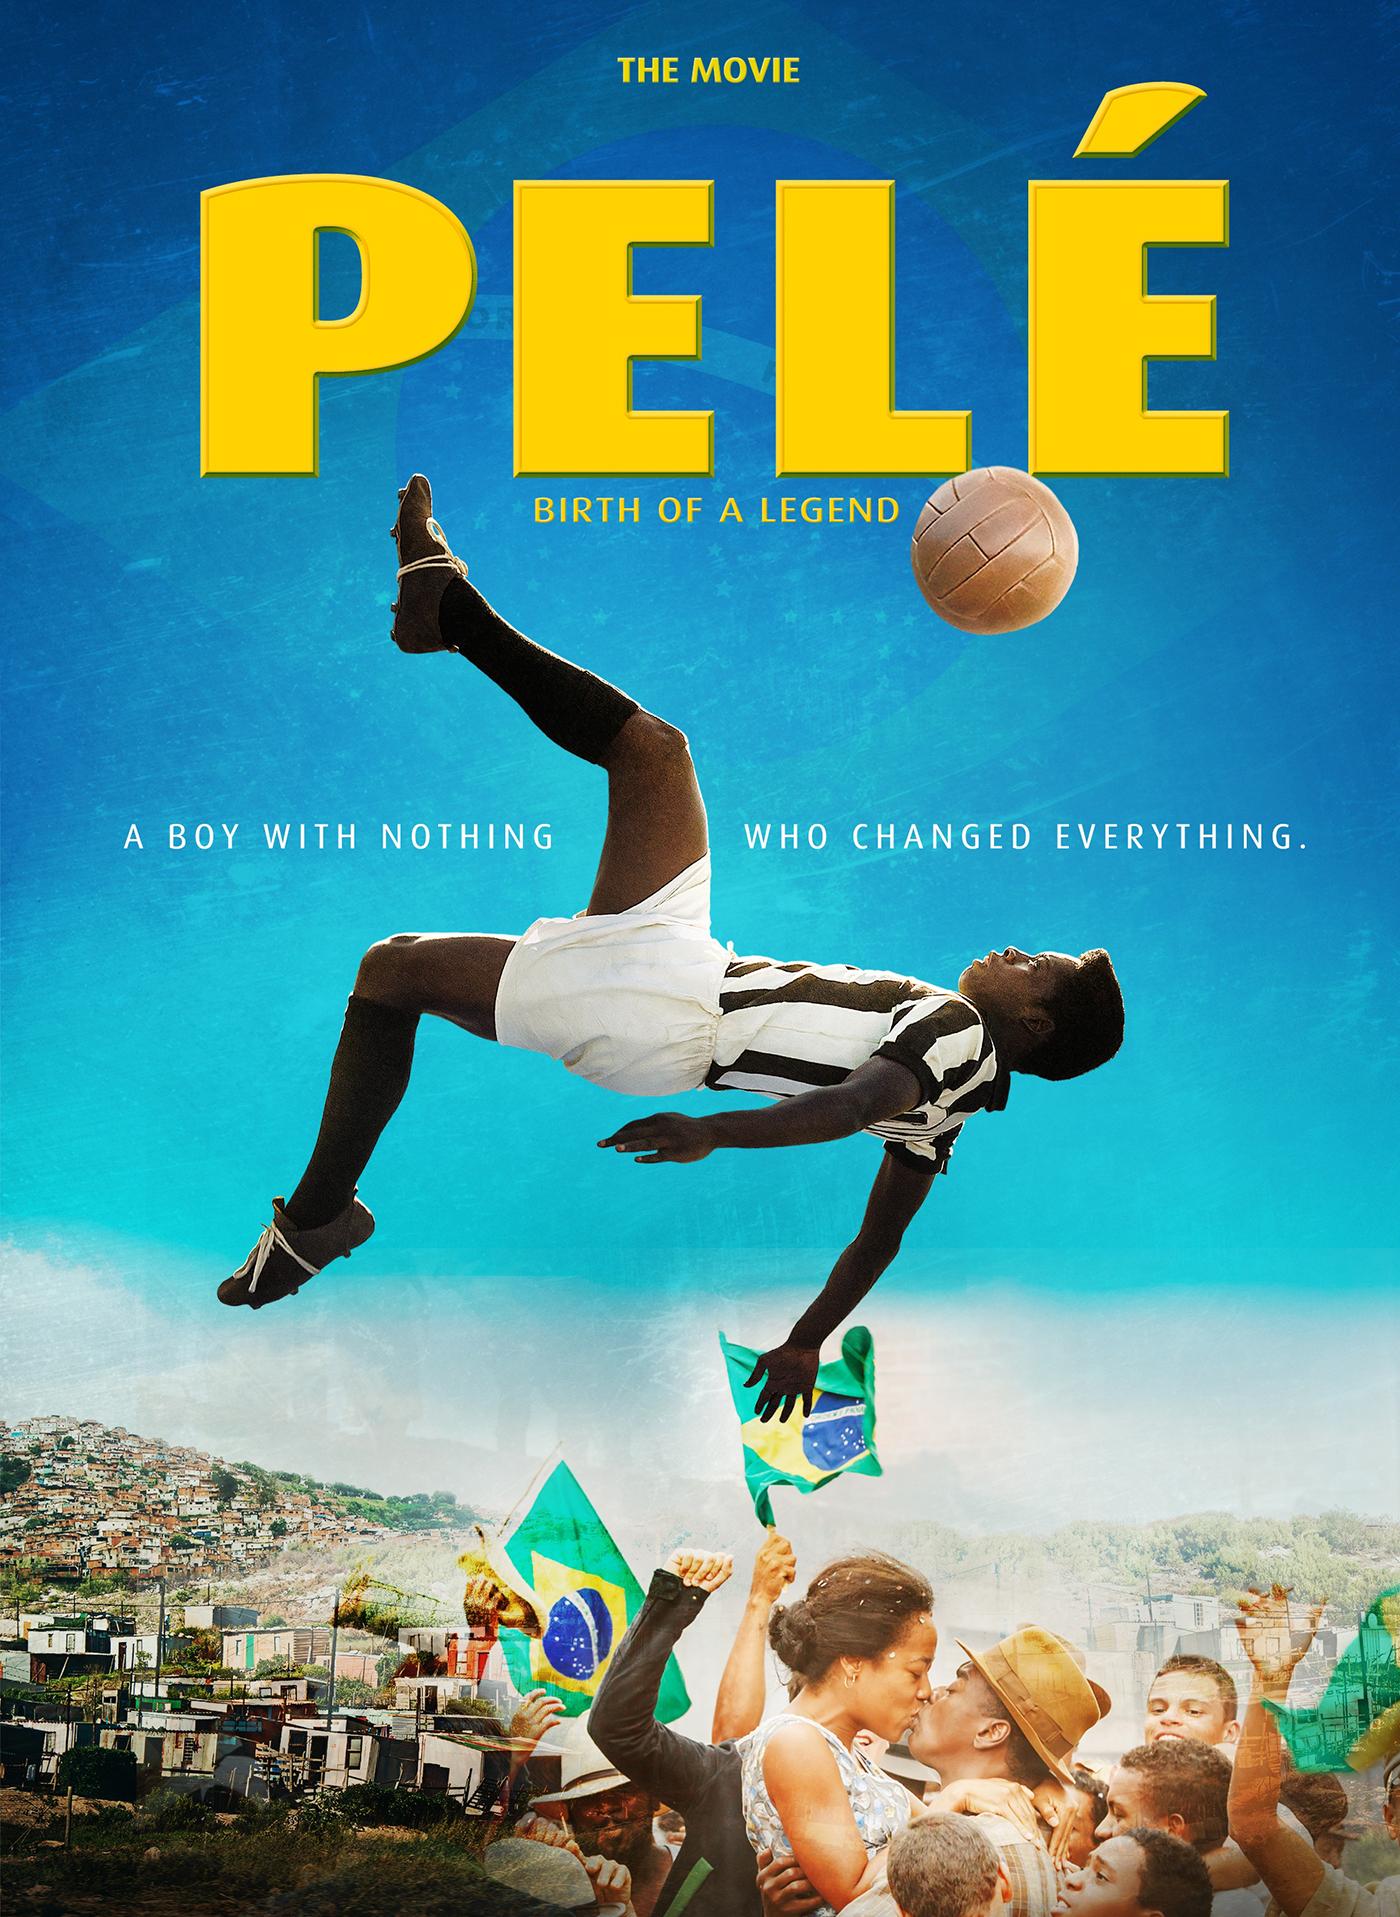 Pelé - The Birth of a Legend